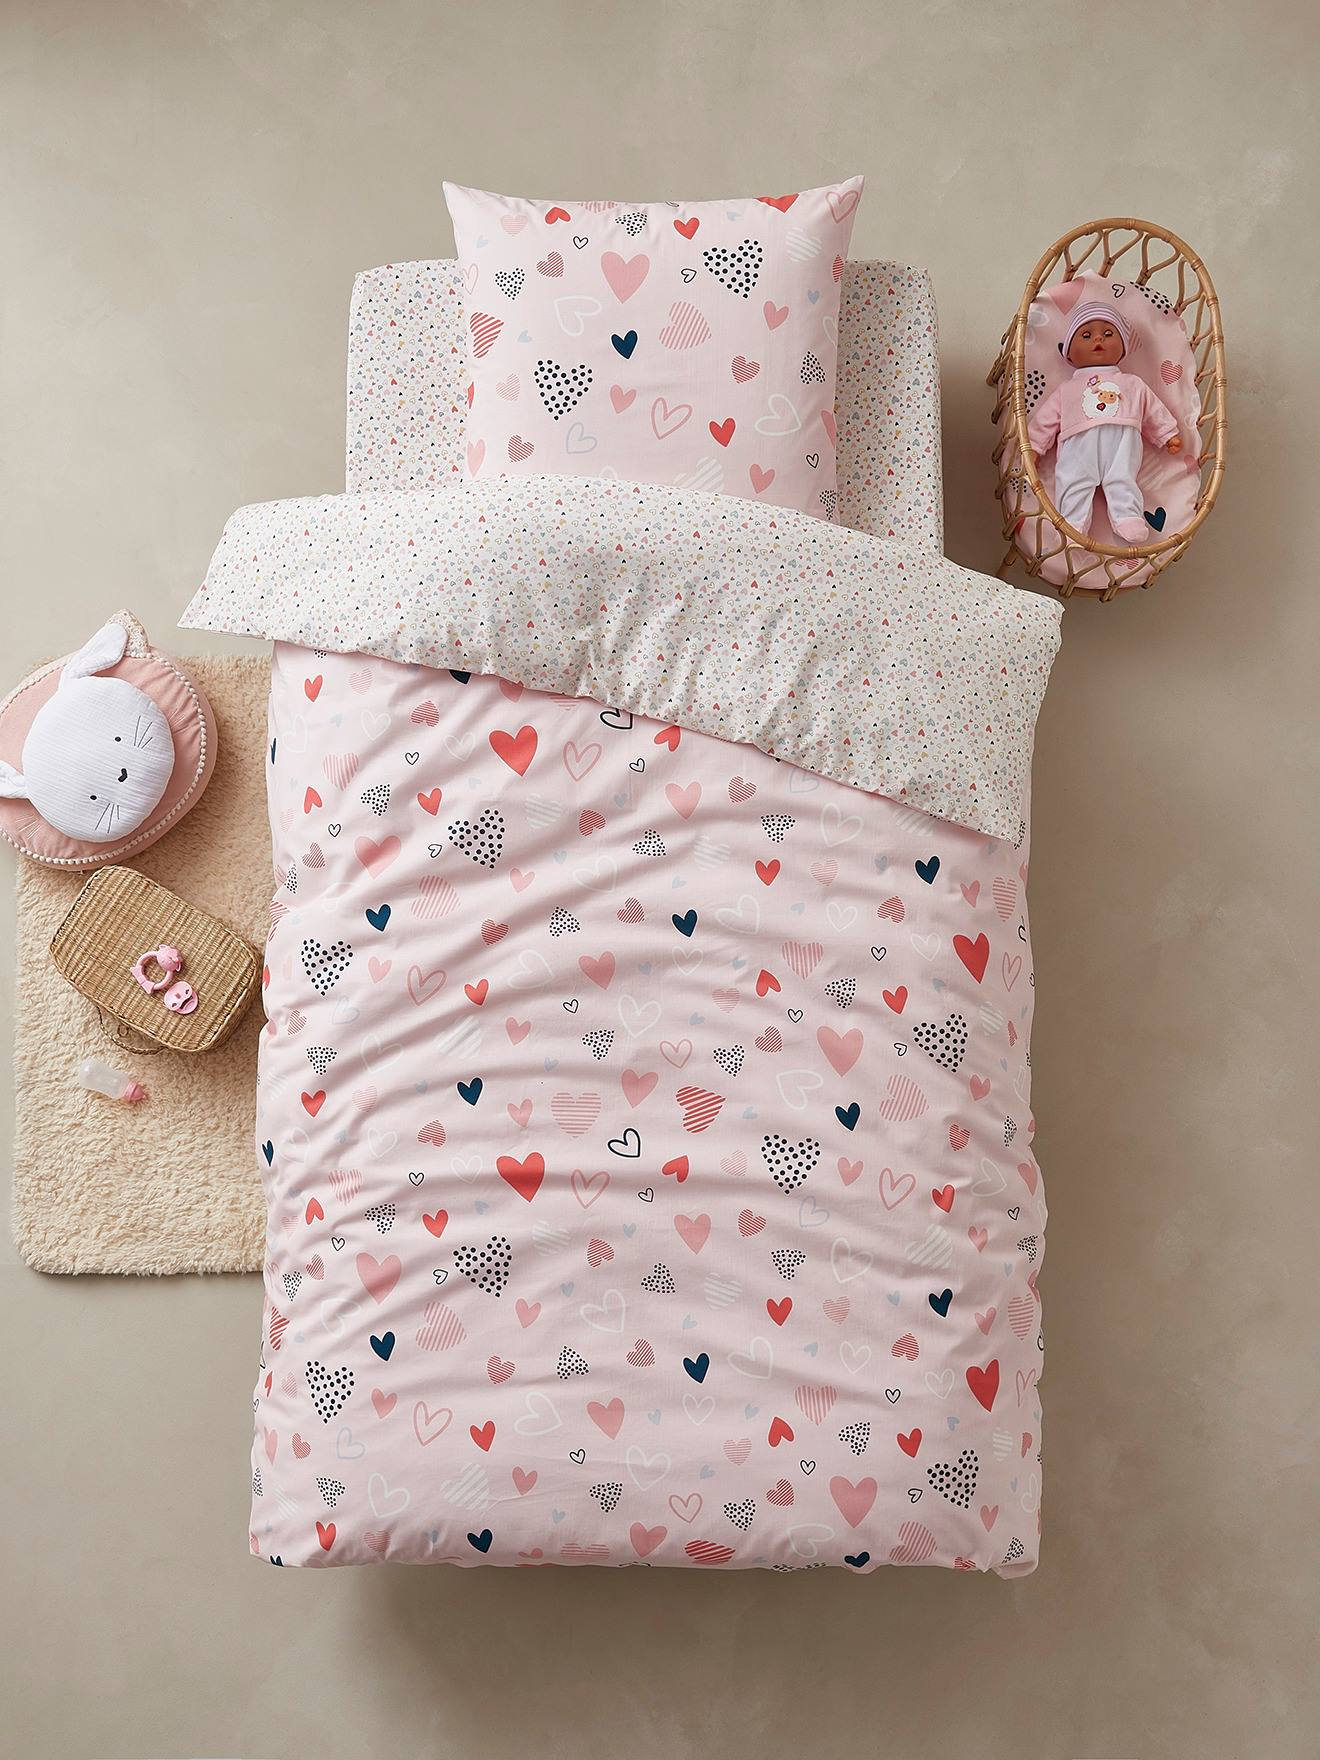 Conjunto capa de edredon + fronha de almofada para criança, tema Corações em Festa rosa claro estampado